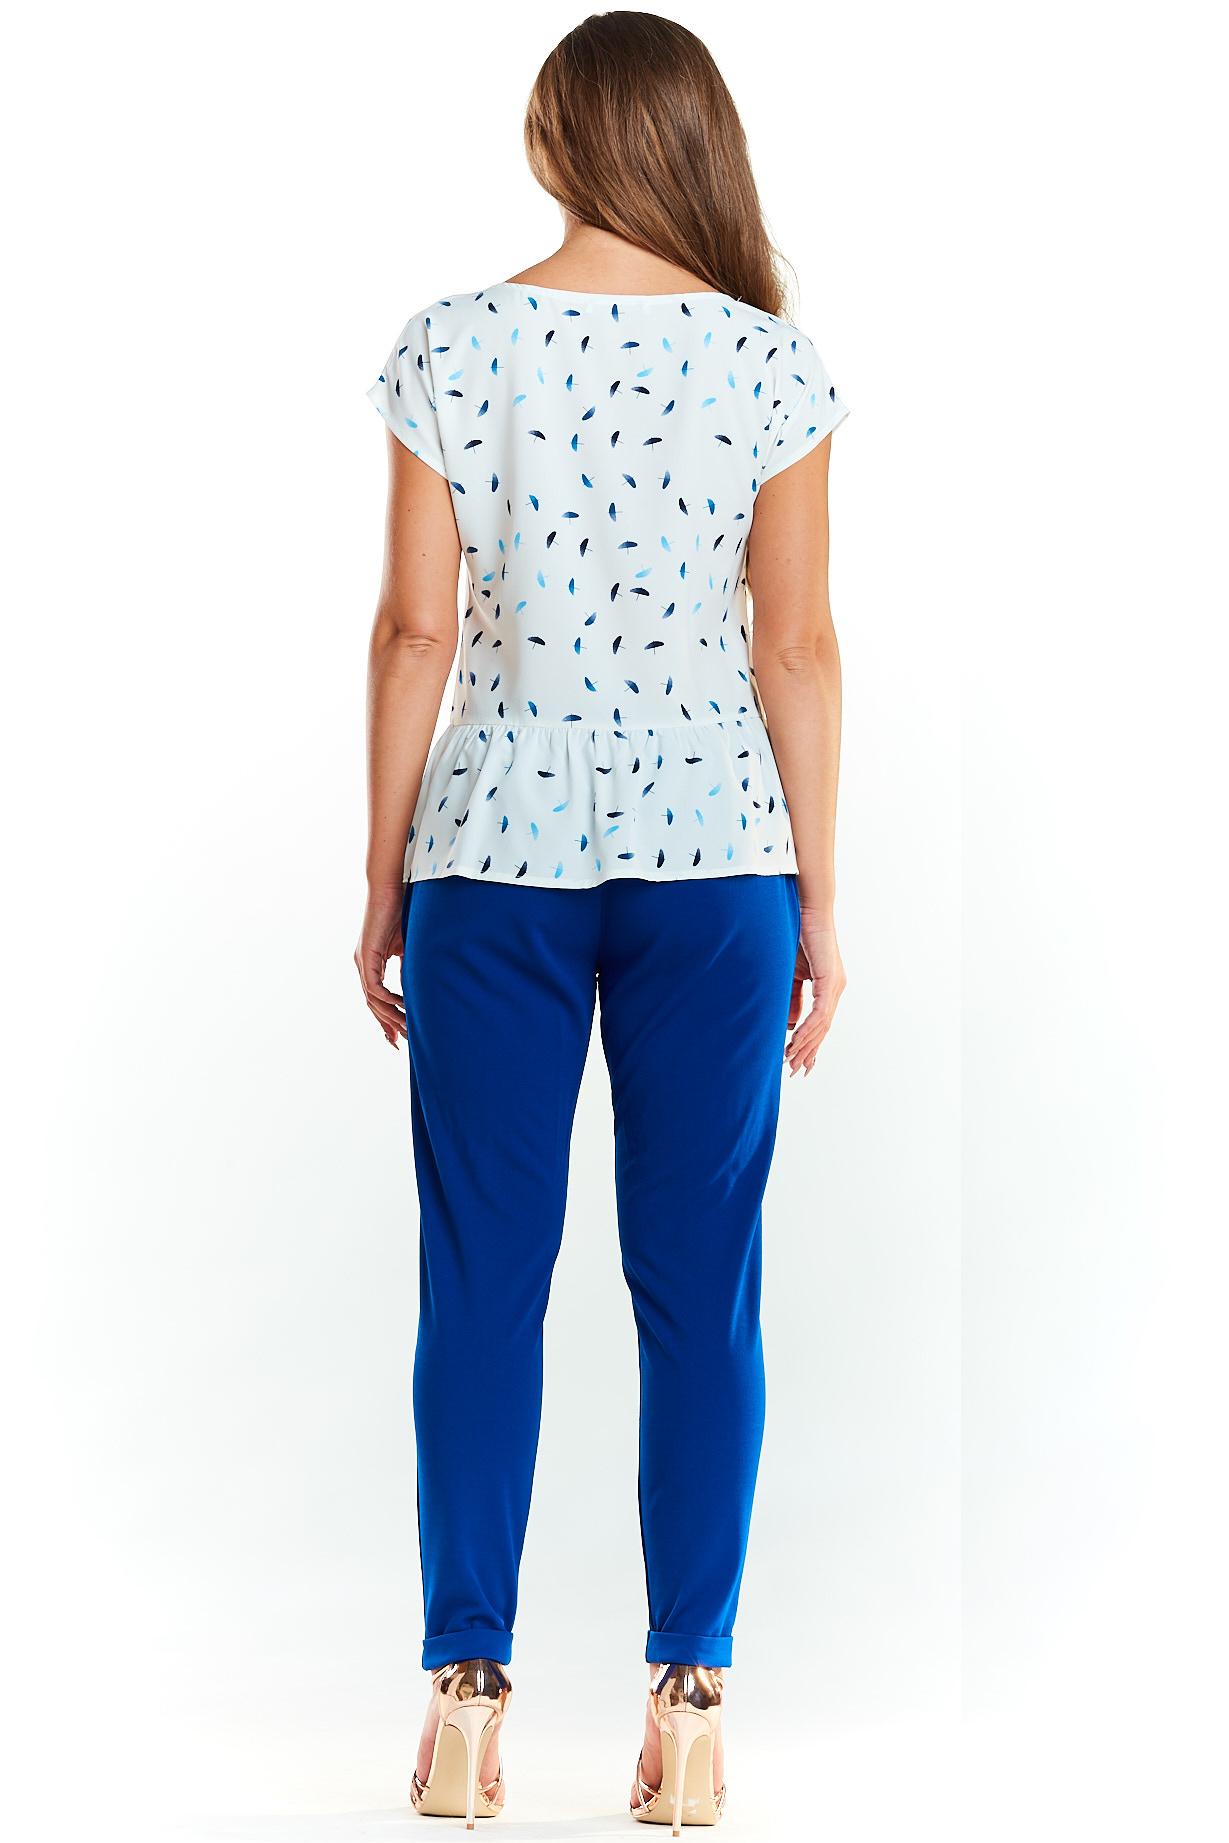 CM3979 Bluzka damska z krótkim rękawem i falbanką - niebieskie parasolki